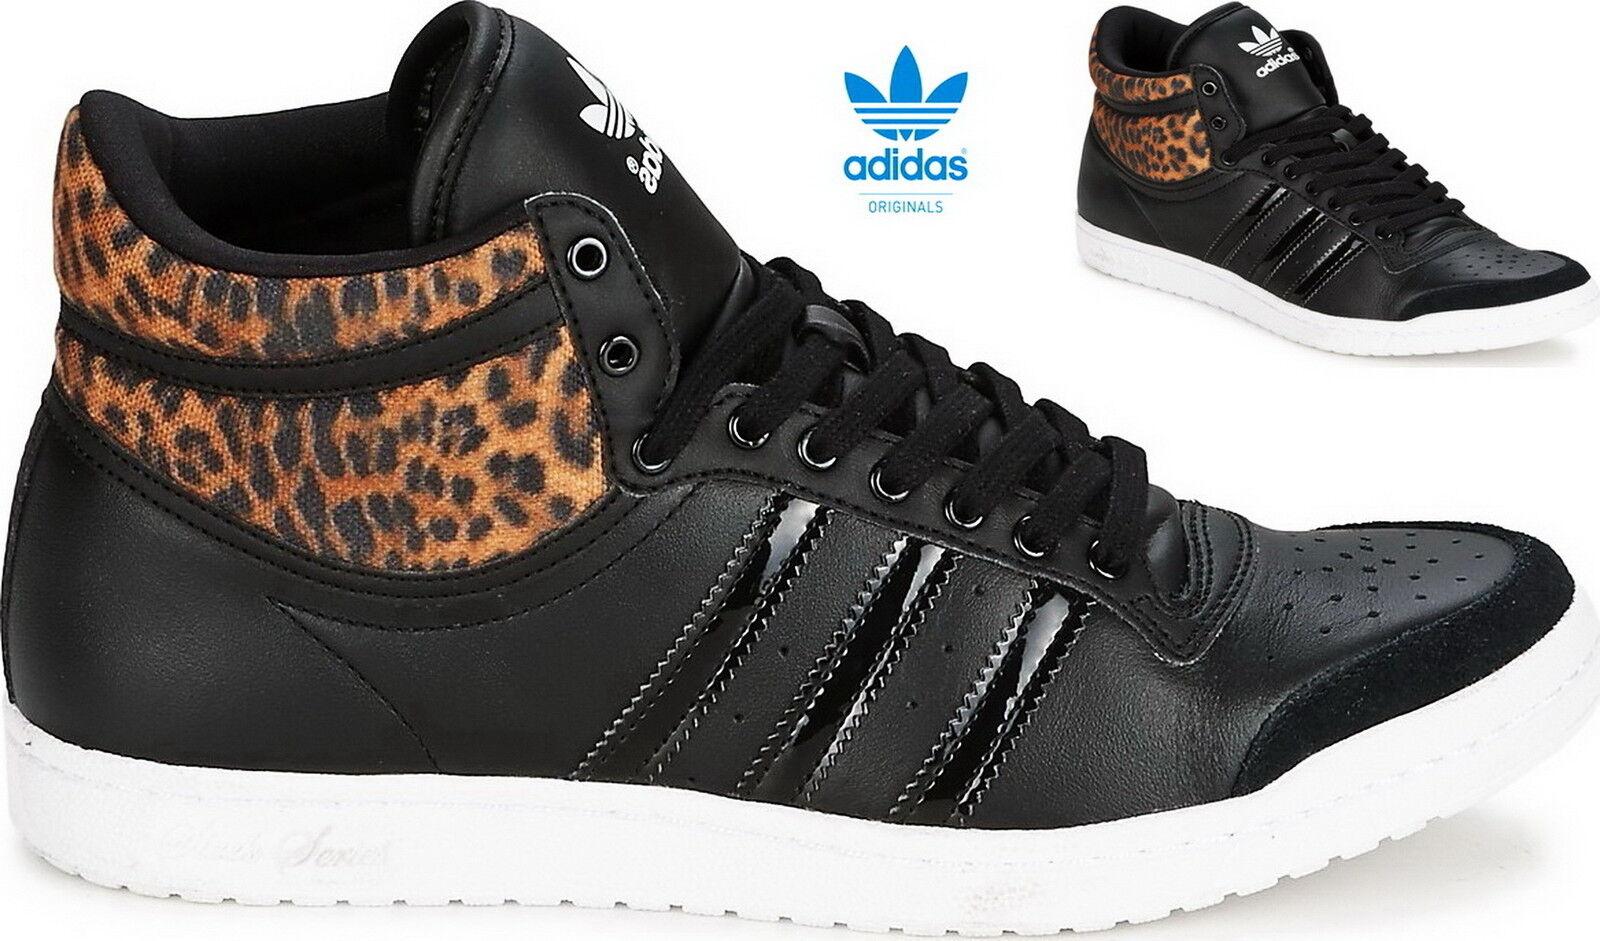 Zapatos promocionales para hombres y mujeres adidas Top Ten HI Sleek W Damen Sneaker Black/Leopard M20835